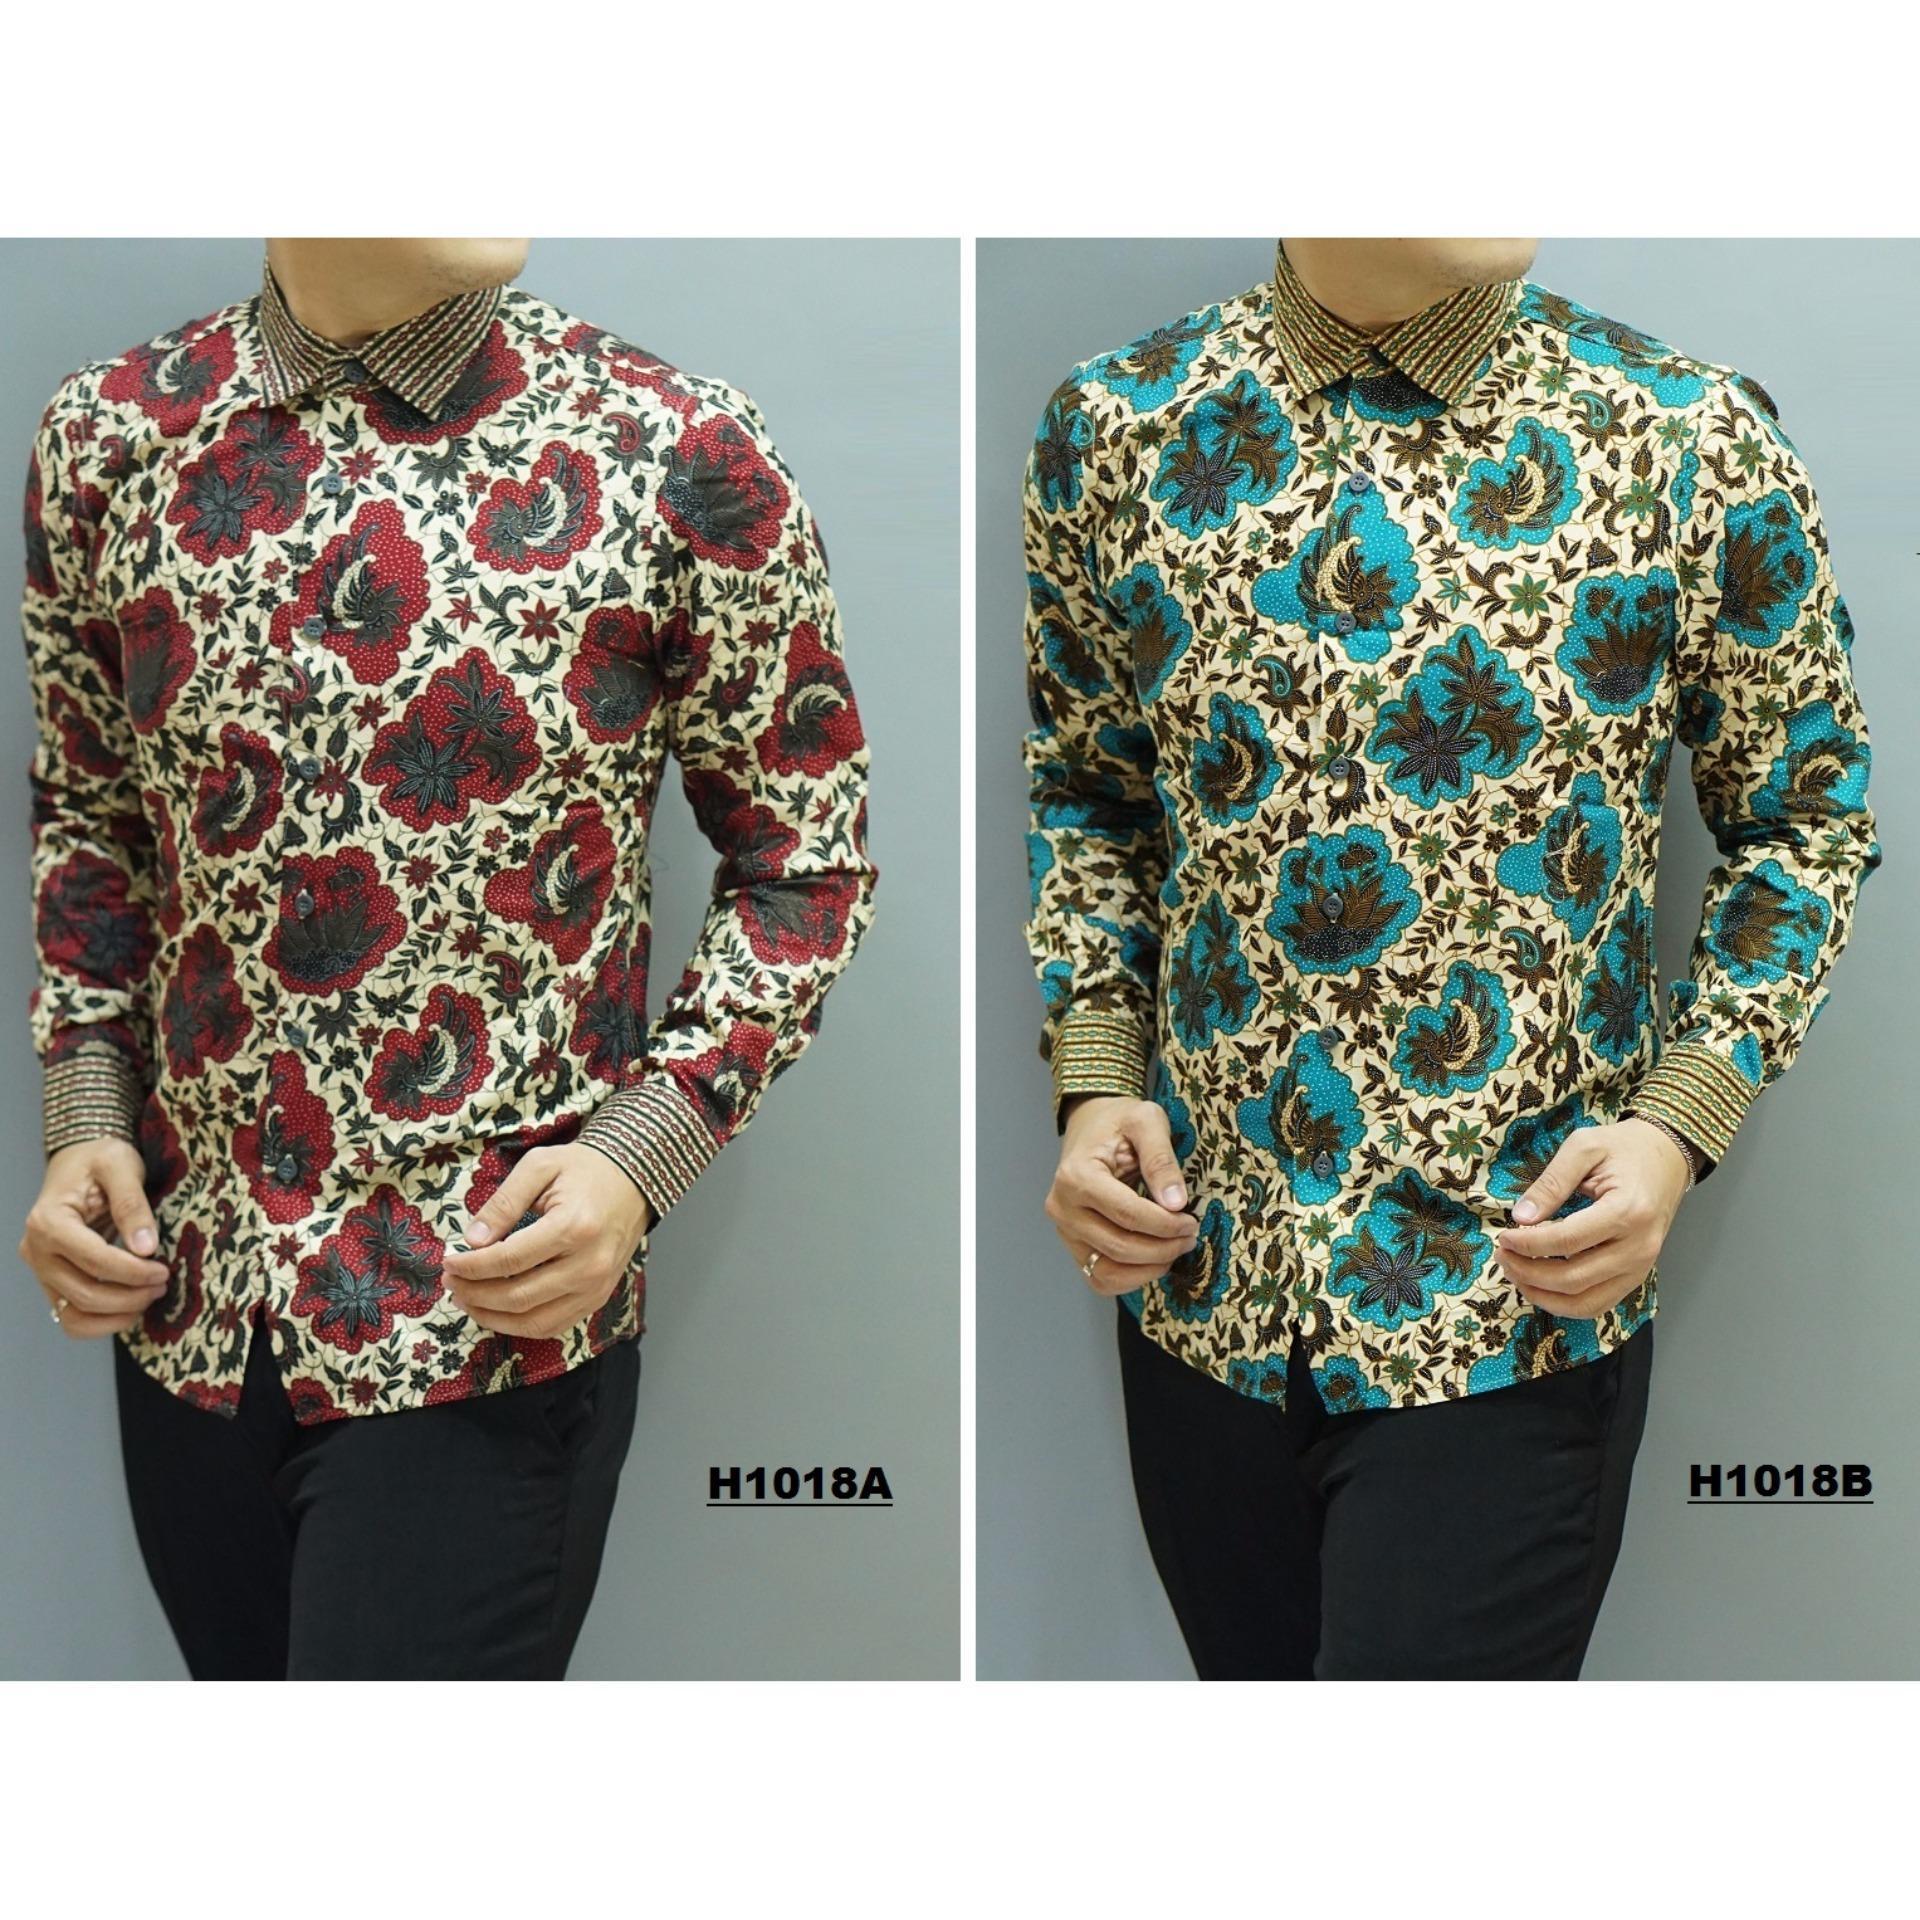 Kemeja Batik Slimfit Pria H1018A Red Kombinasi Muslim Koko Jeans Lazada Indonesia